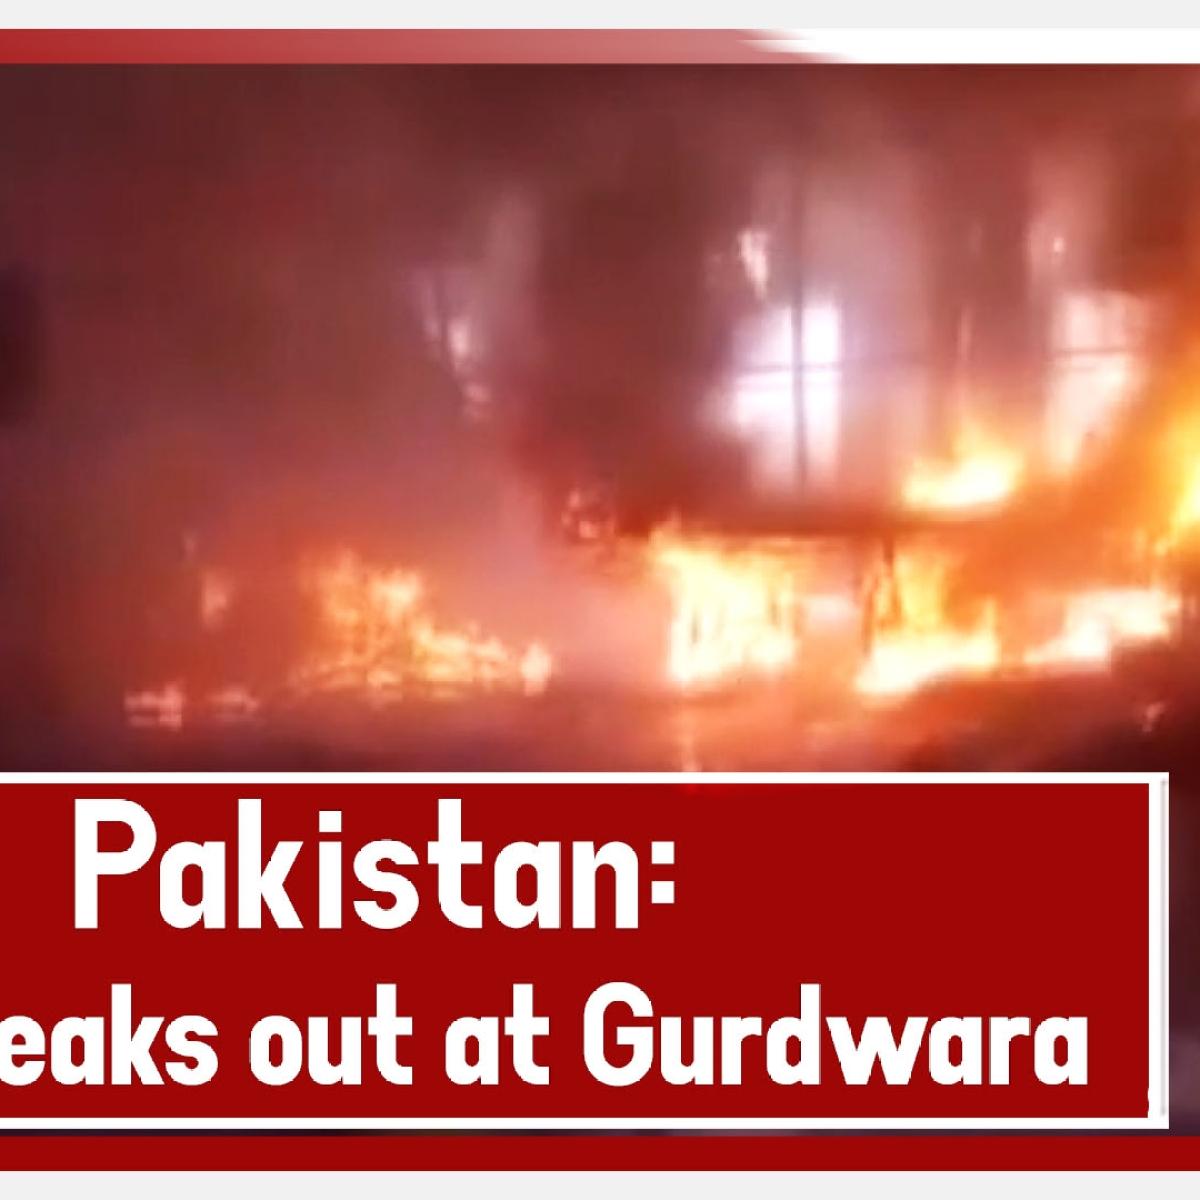 Pakistan: Fire breaks out at Gurdwara Sri Panja Sahib